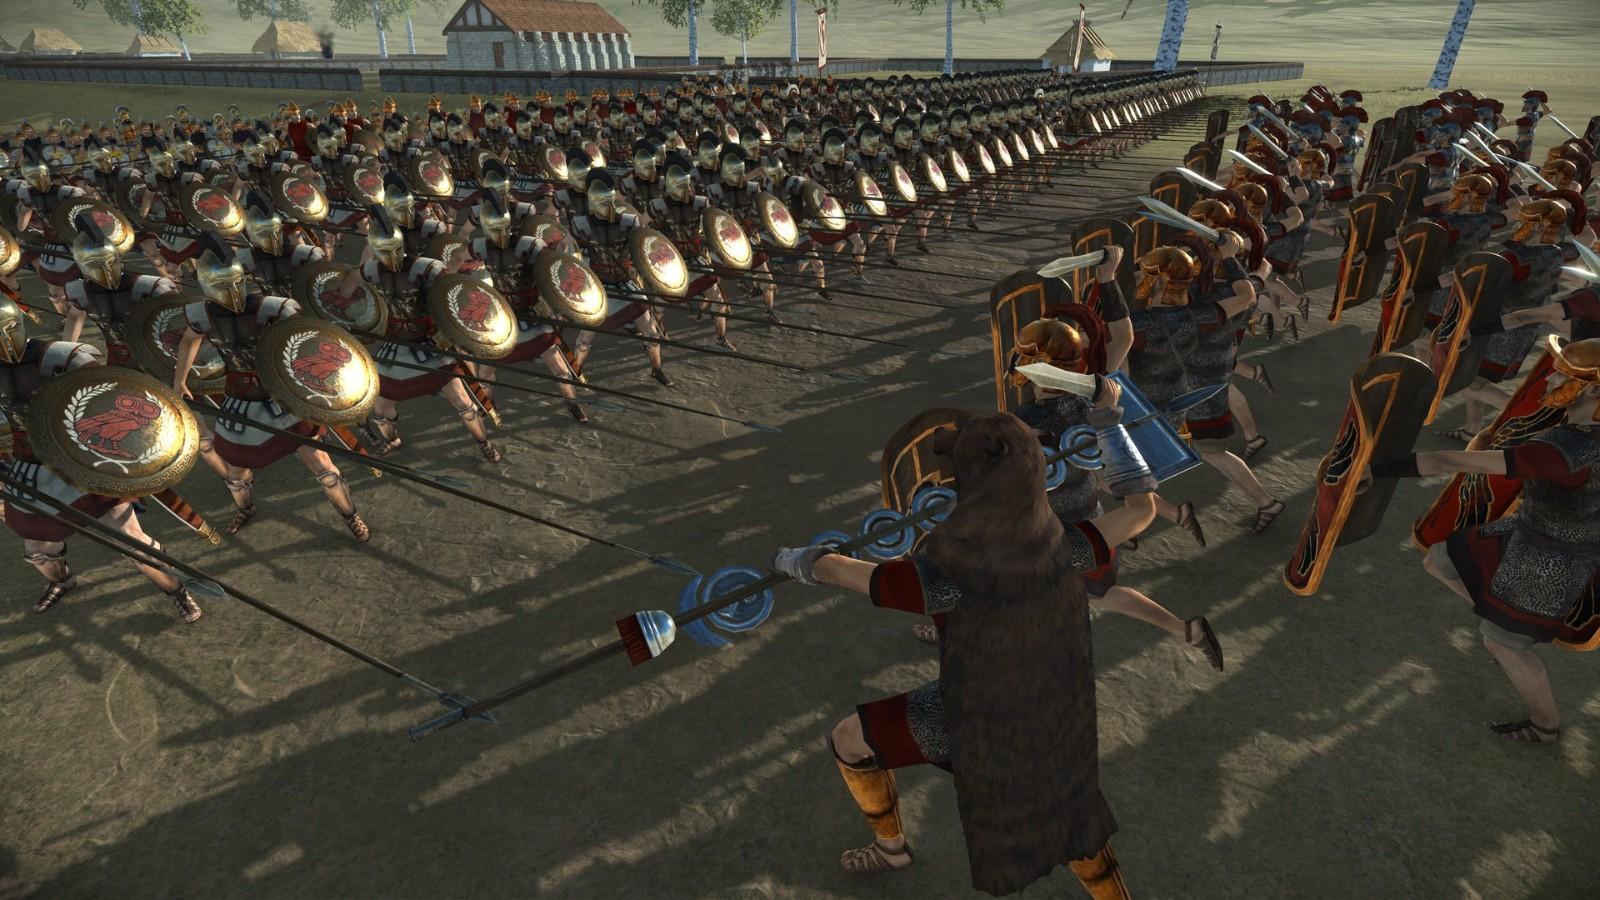 世嘉公布《全面战争:罗马》重制版 宣传片分享